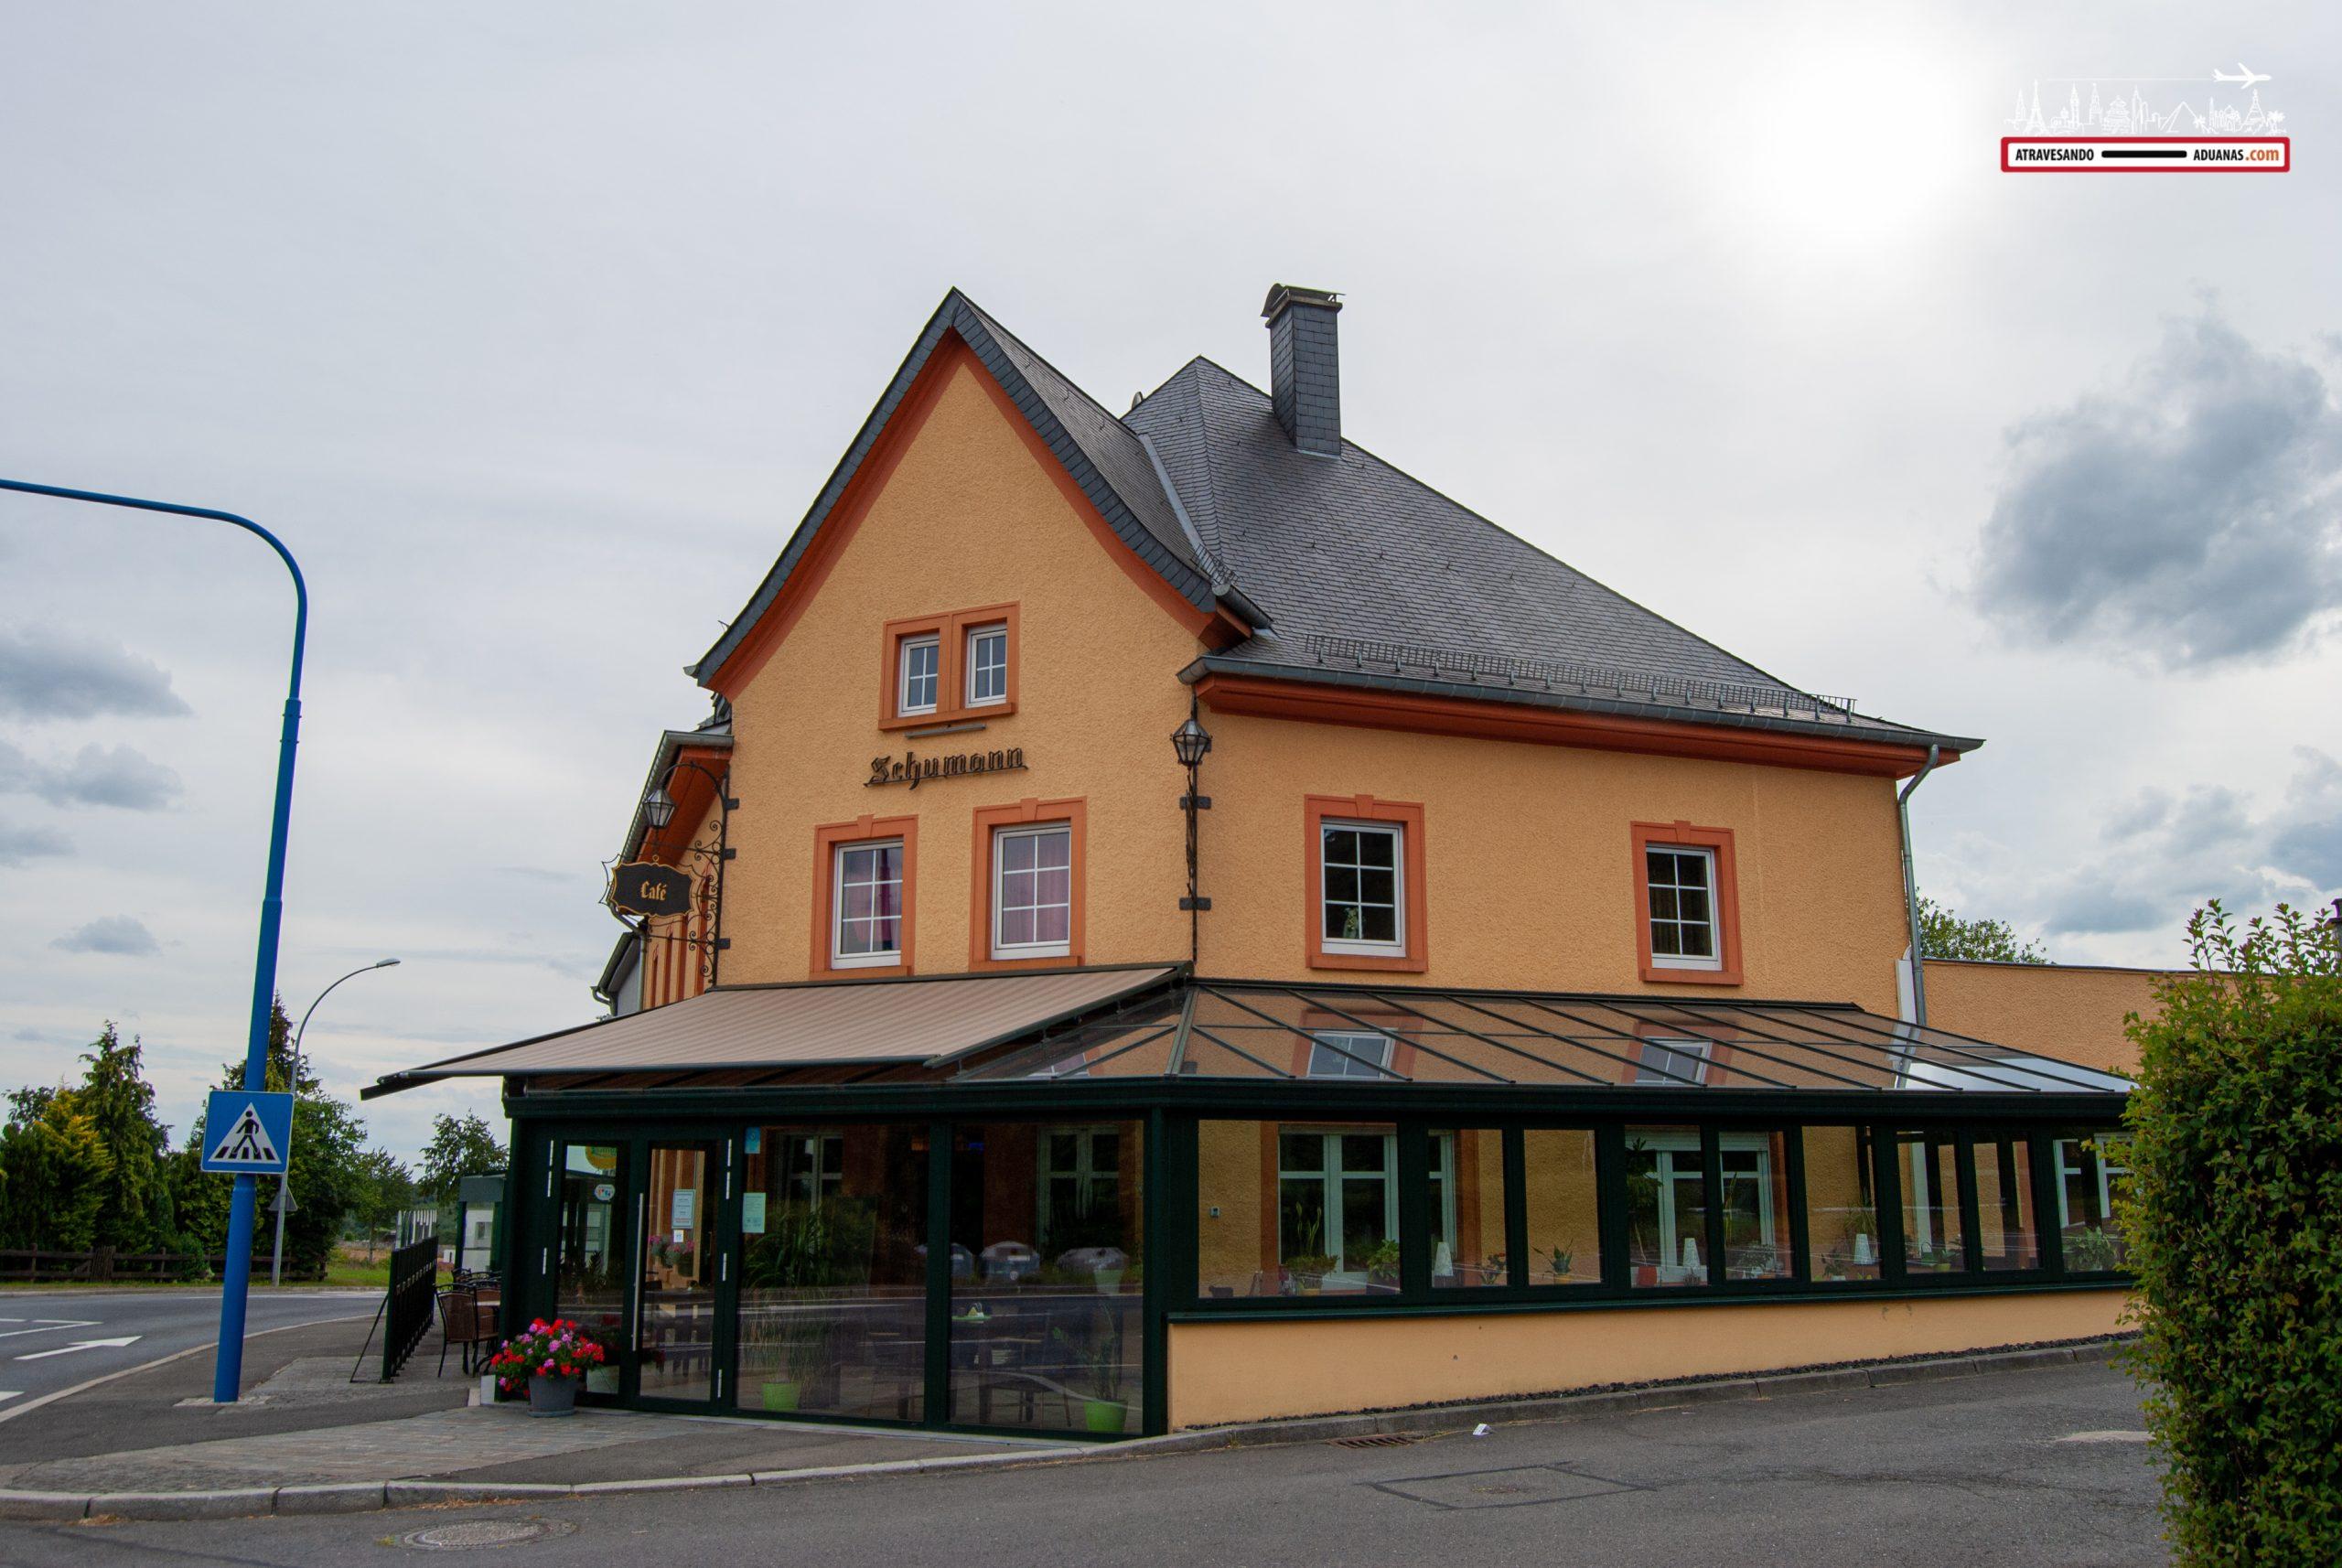 Schumann Cafe